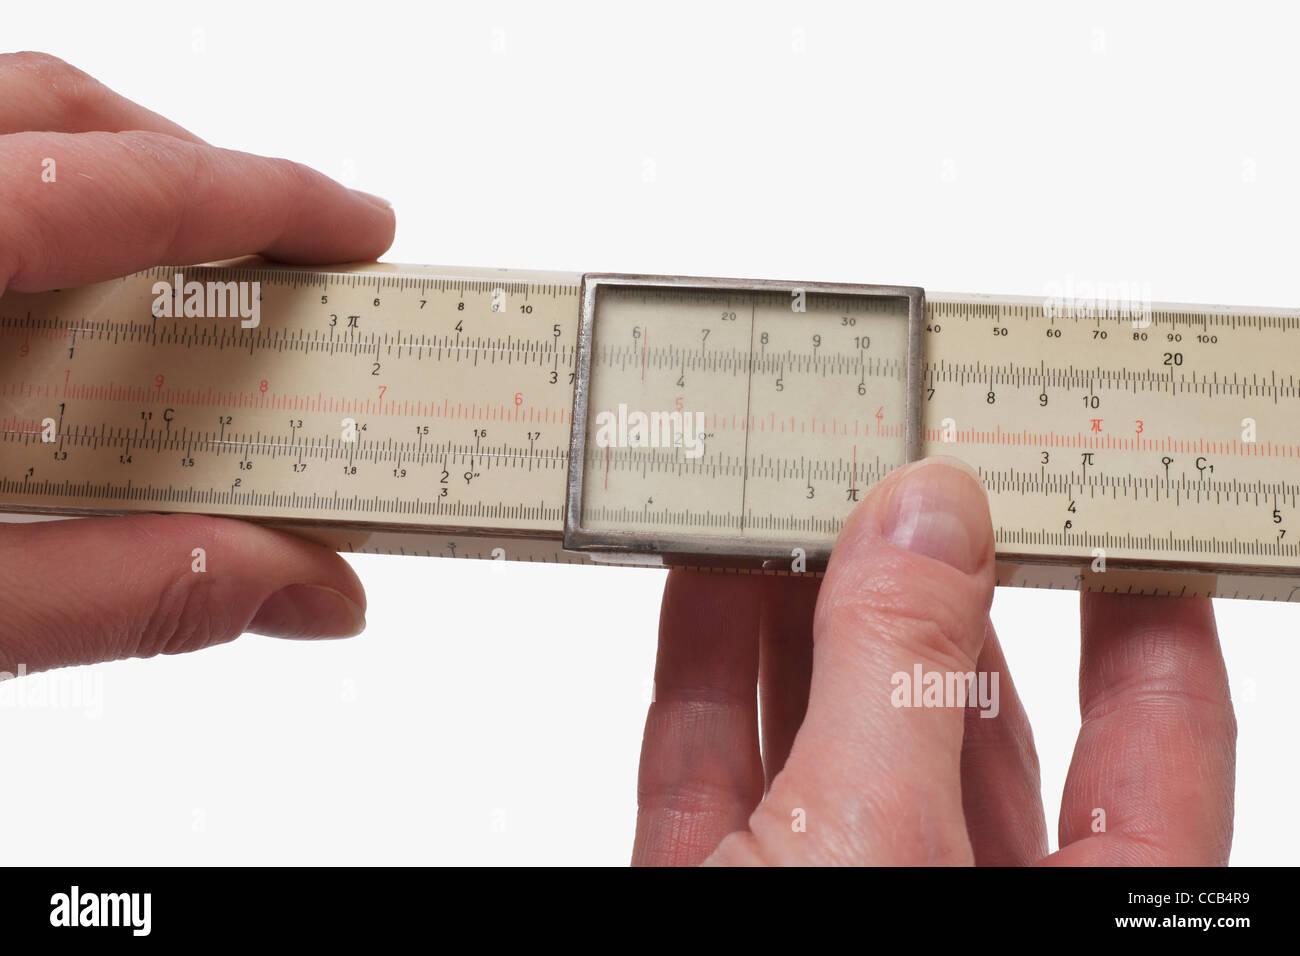 Ein Rechenschieber wird in der Hand gehalten | a slide rule is hand-held - Stock Image